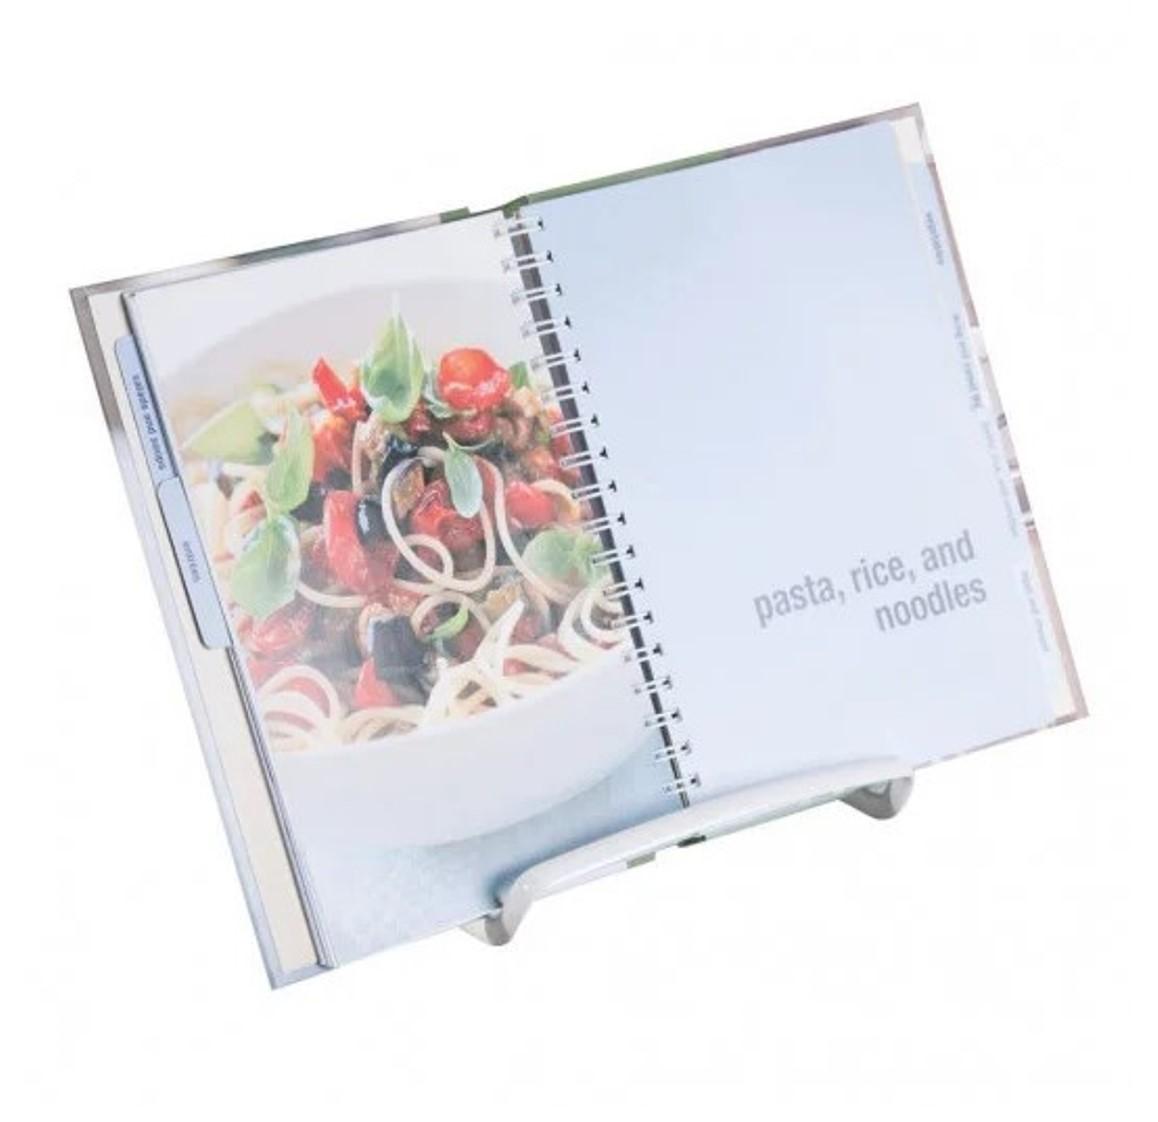 Держатель для планшета или книги рецептов iDesign AXIS, 17х19,1х16 см, серебристый Interdesign                                                  59496EU фото 1